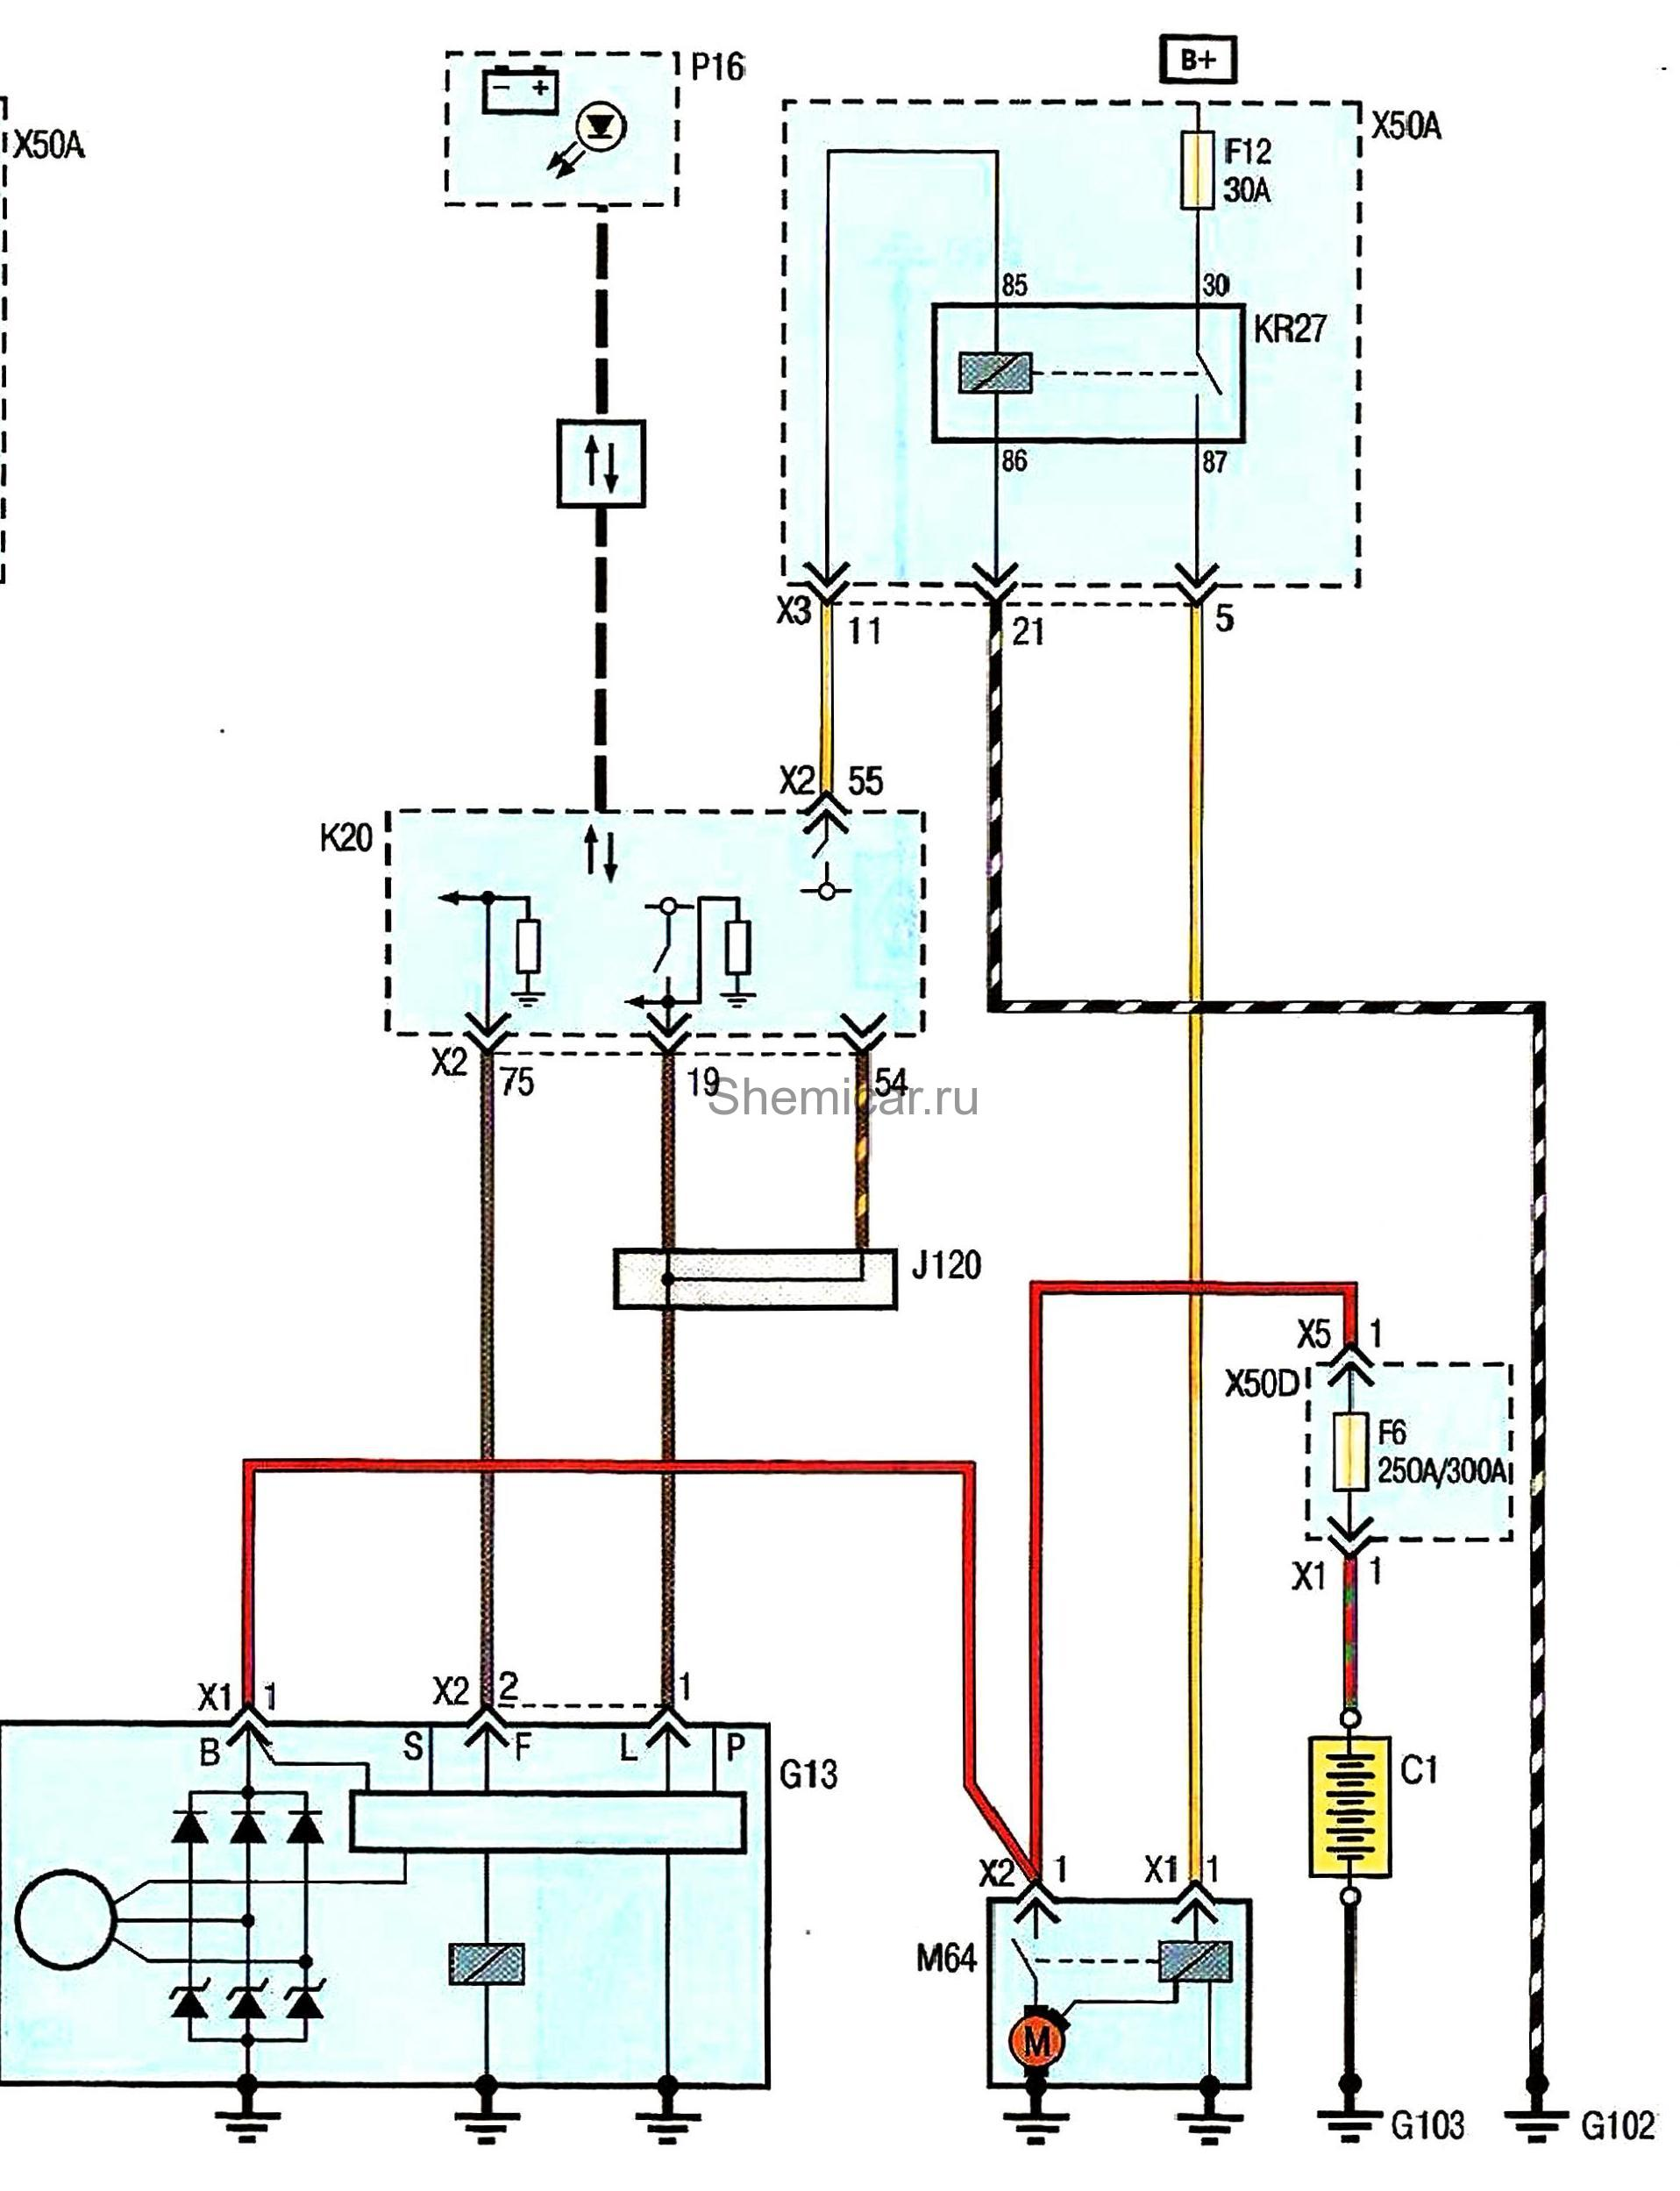 Схема топливной системы шевроле круз фото 738